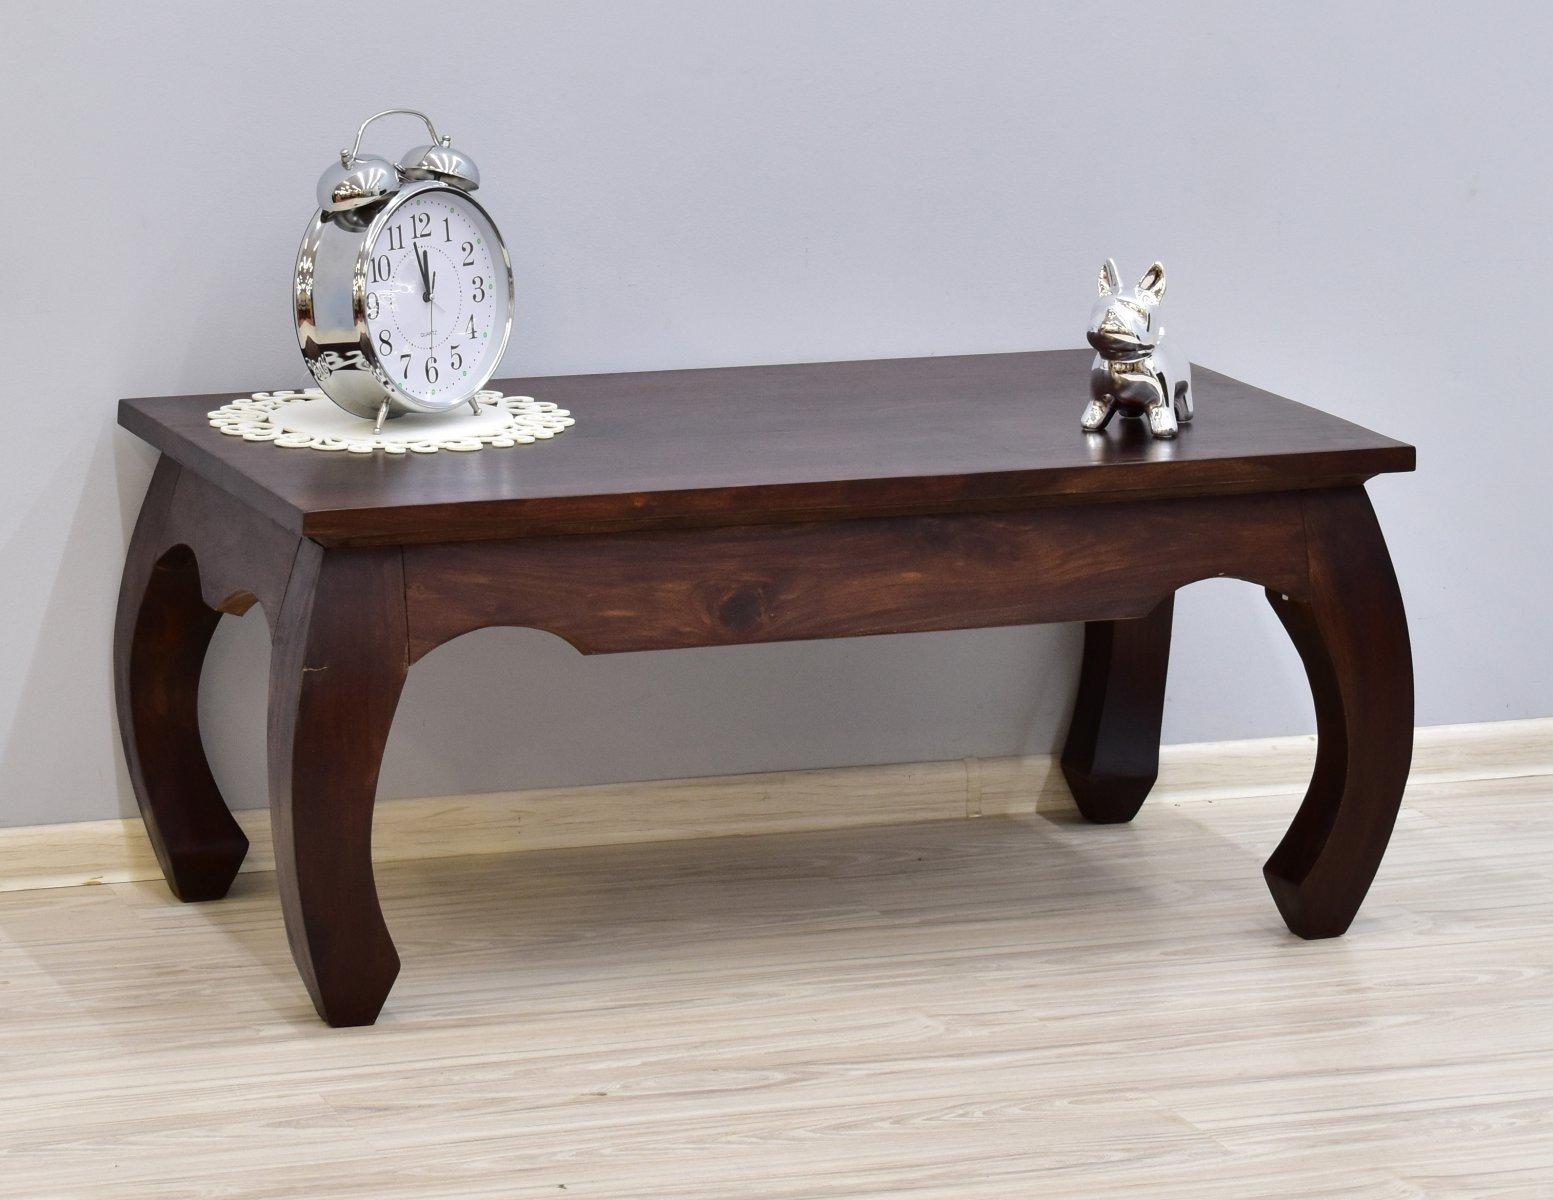 Stolik kawowy kolonialny ława lite drewno palisander indyjski stylowy gięte nogi ciemny brąz klasyczny